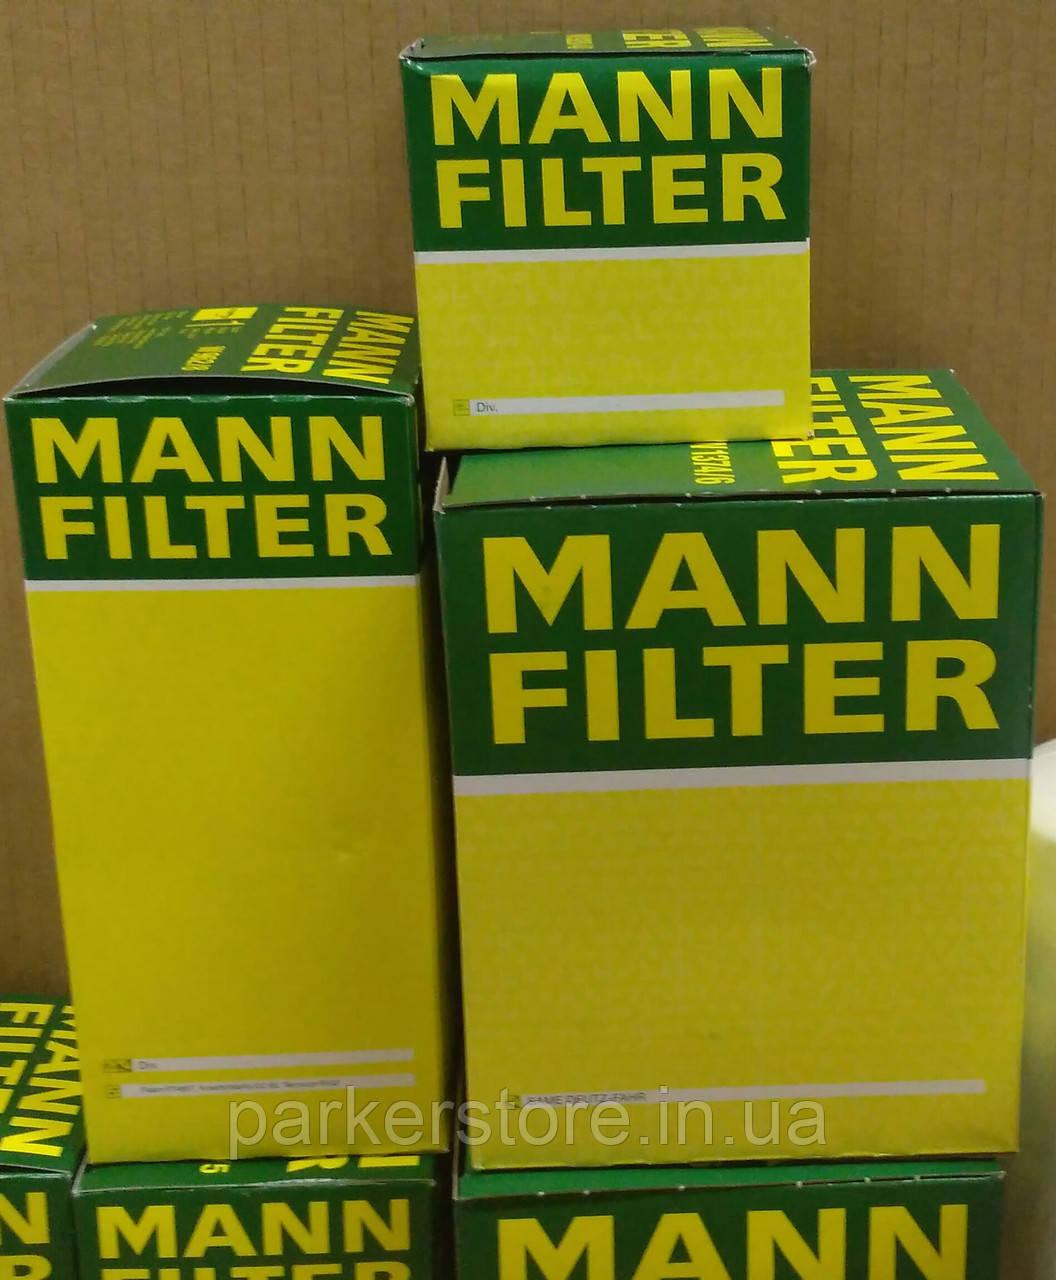 MANN FILTER / Воздушный фильтр / C 24 745/2 / C24745/2